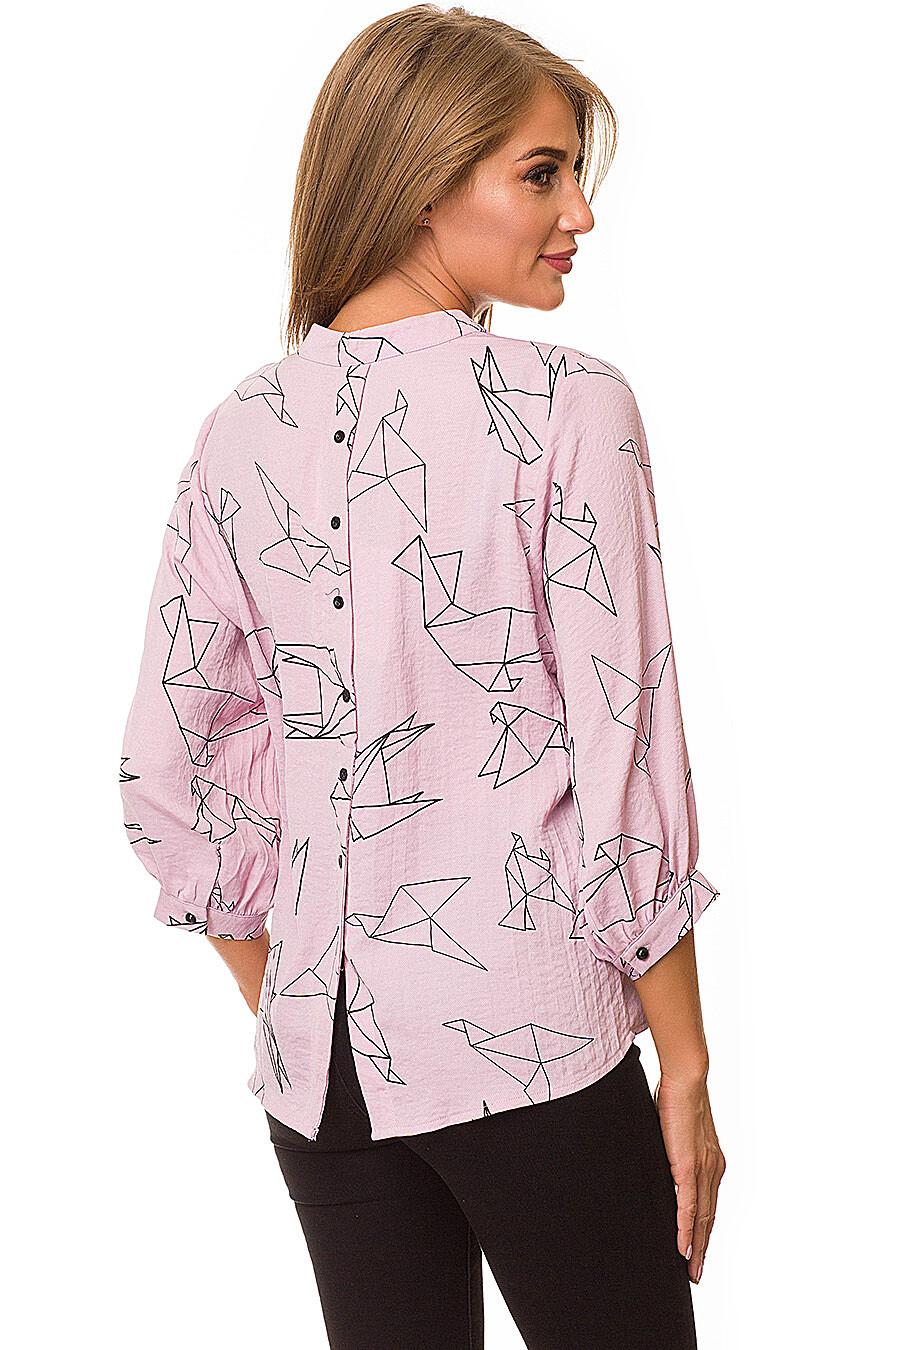 Блузка MODALIME (84771), купить в Moyo.moda